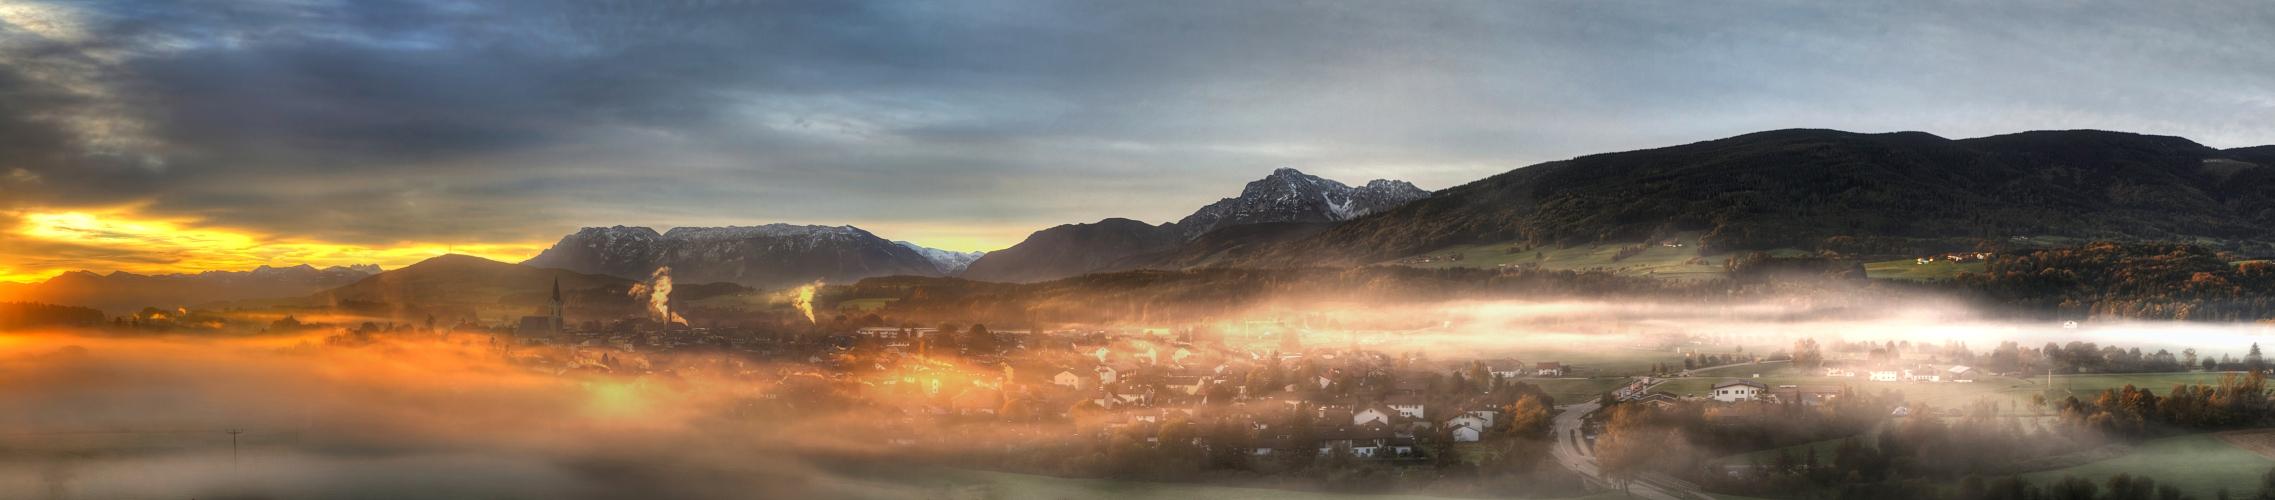 Verschleiertes Dorf